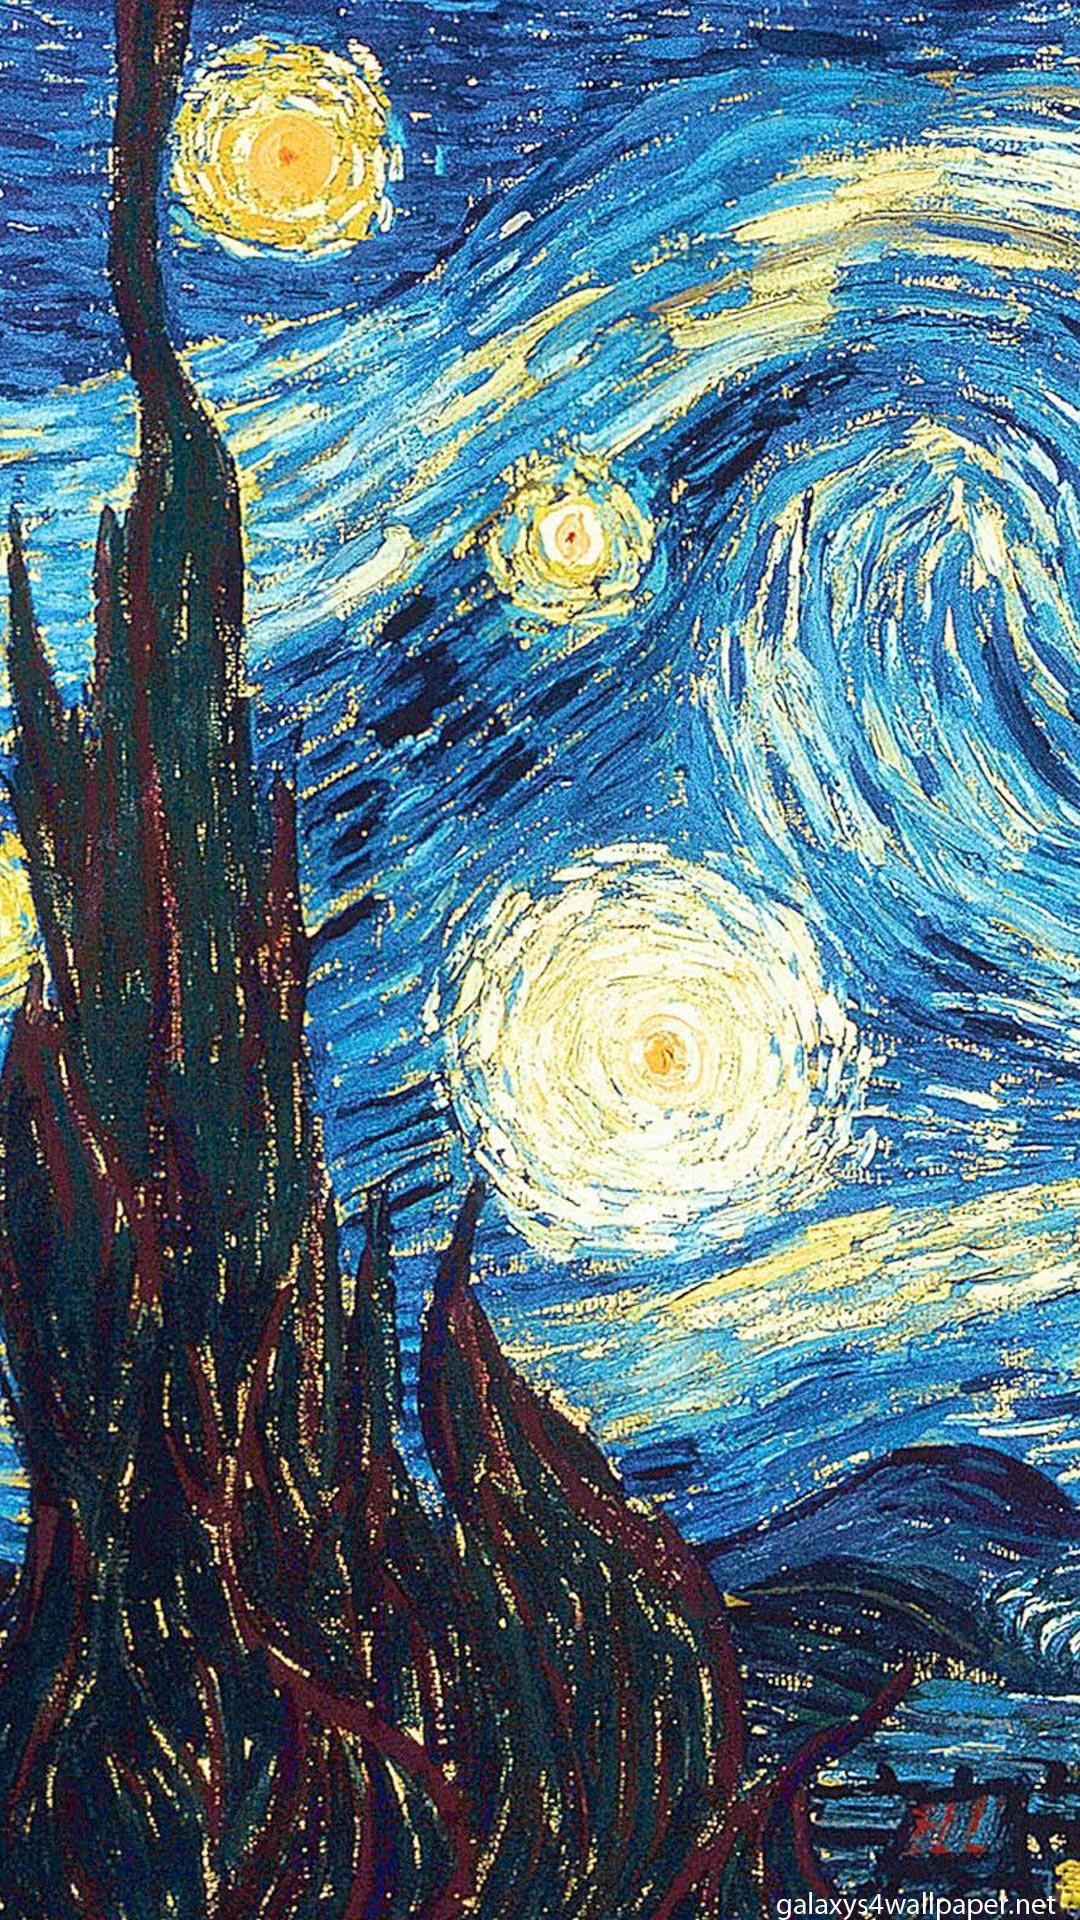 vincent van gogh galaxy s4 wallpaper hd wallpapers 1080x1920